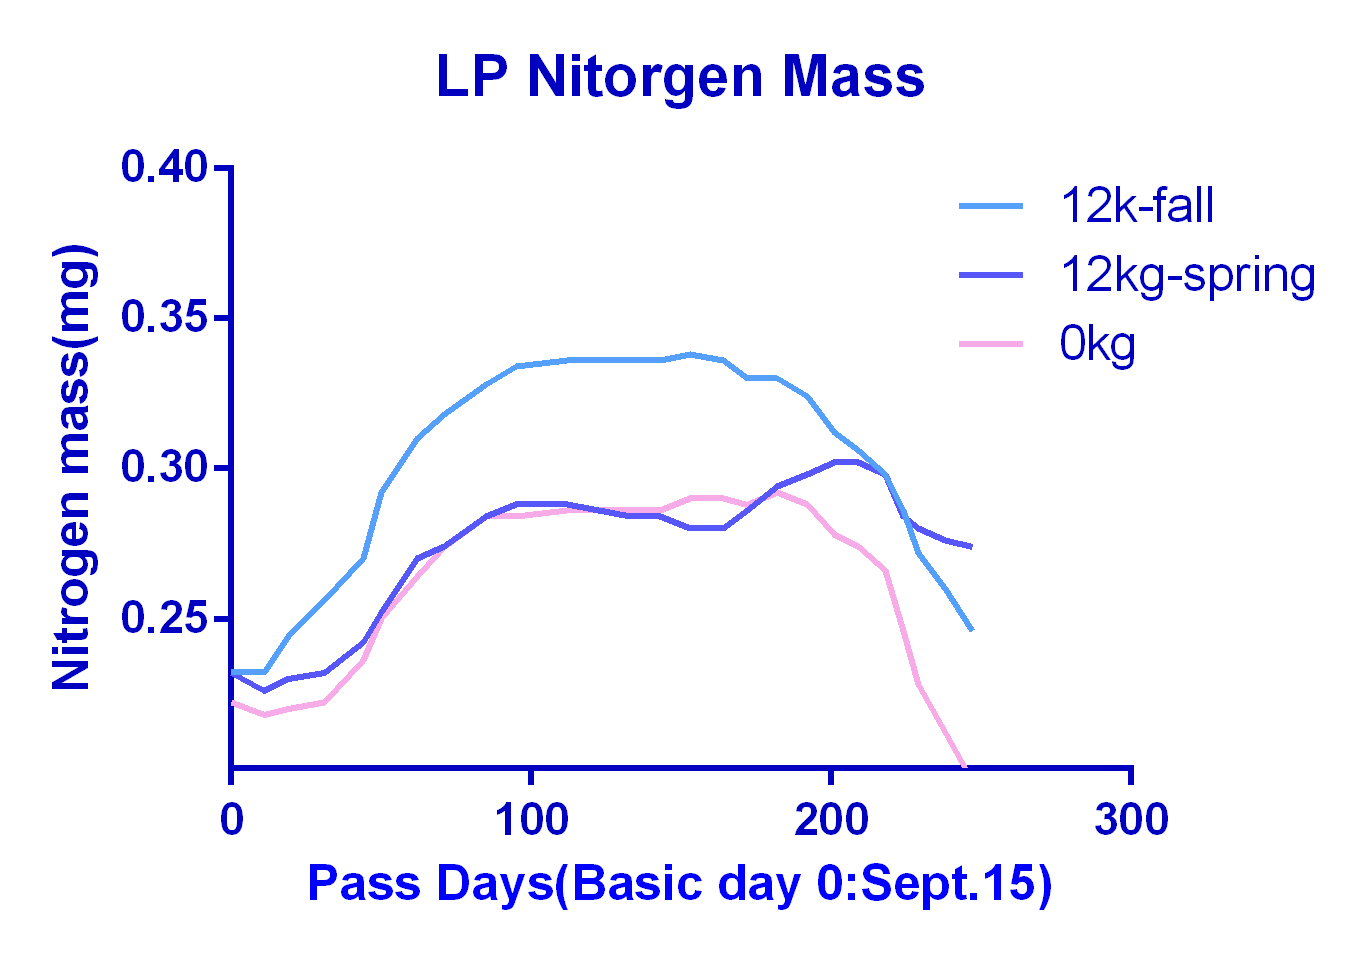 LP Nitrogen mass 12kg